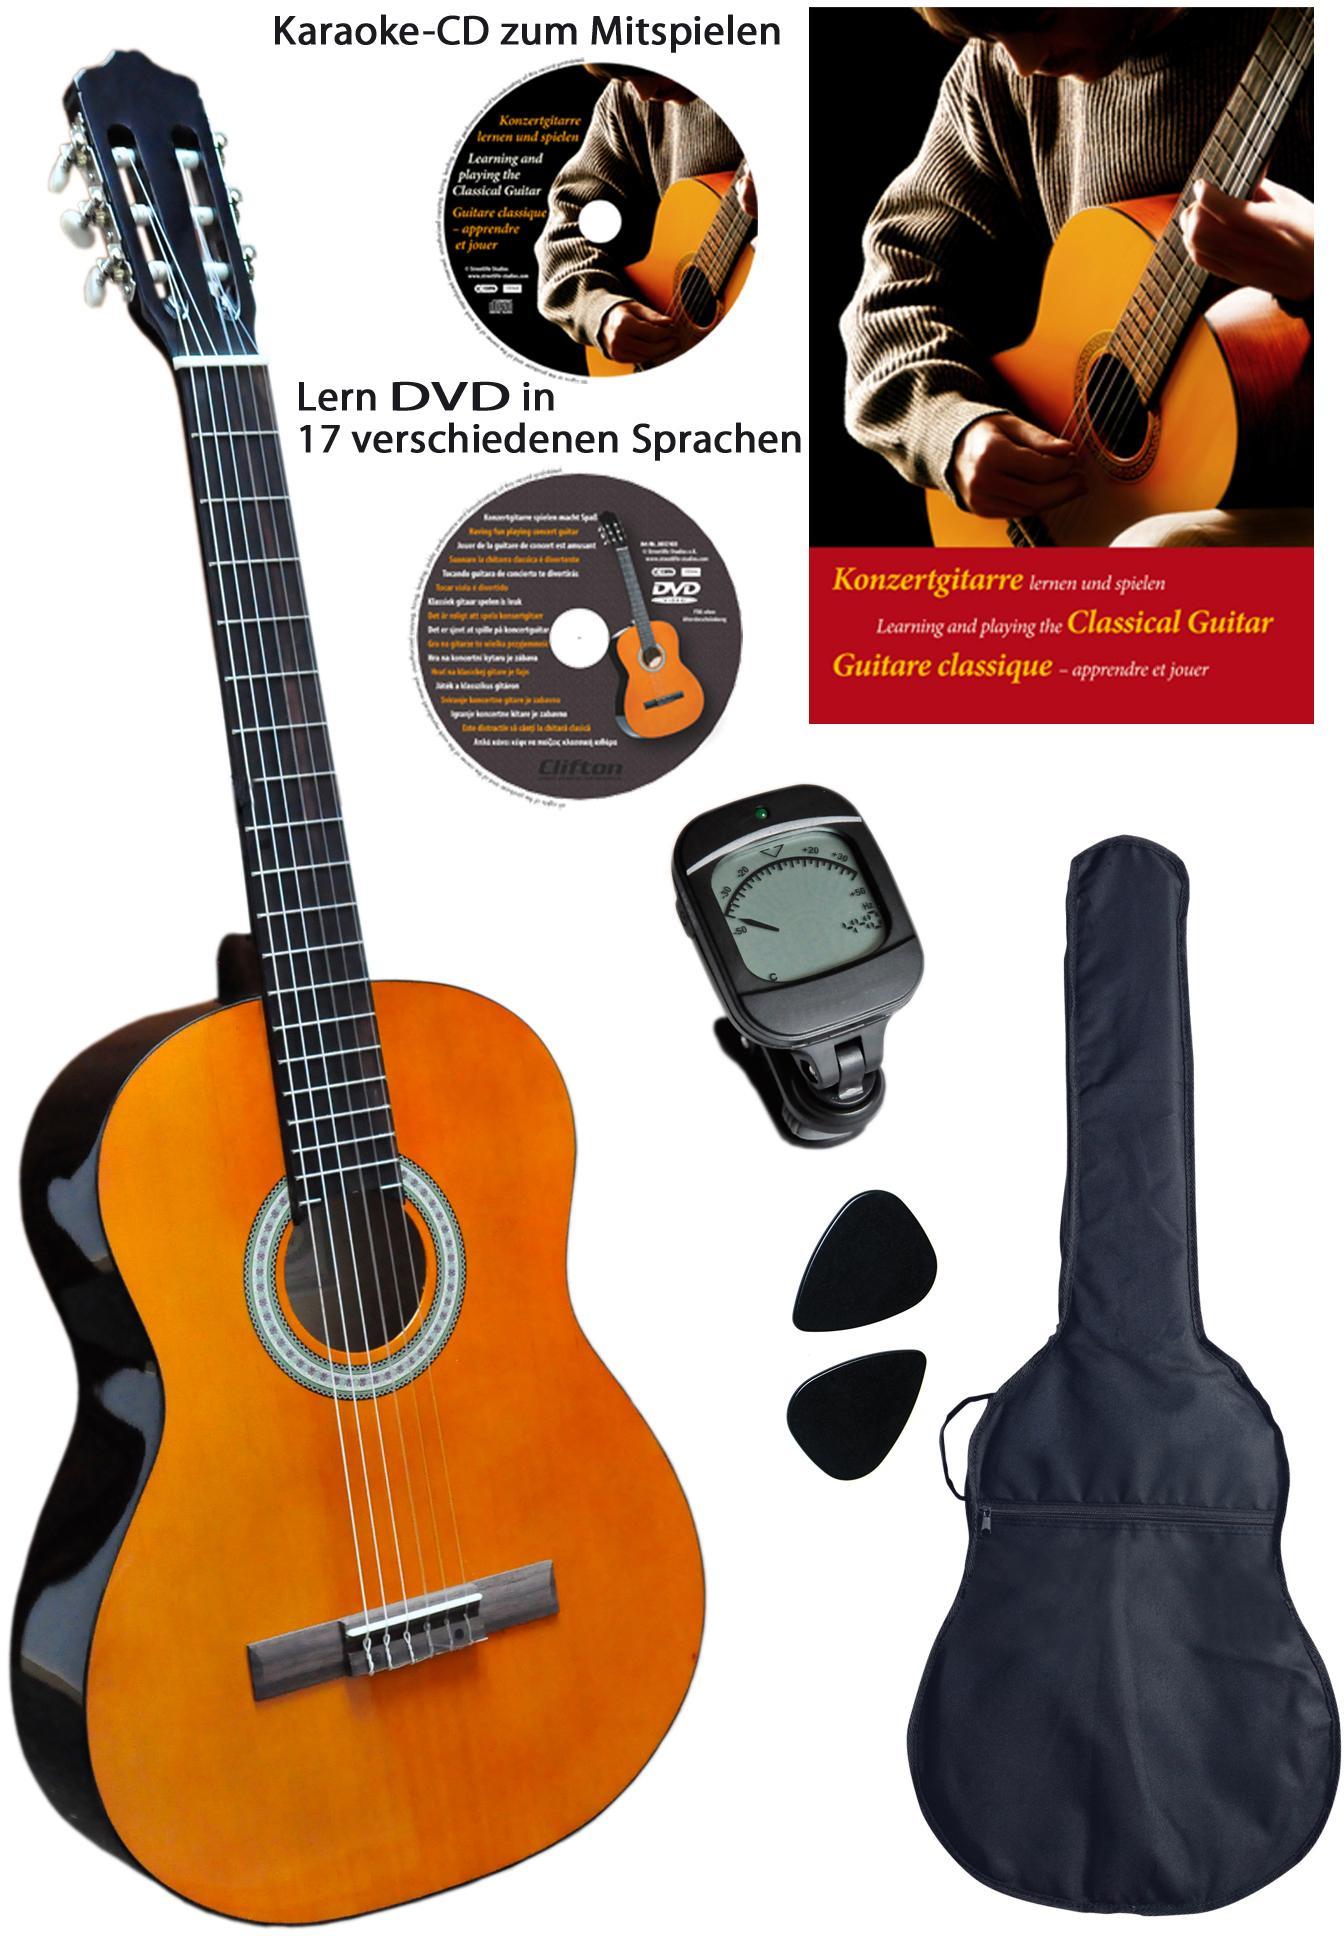 Clifton Konzertgitarre Clifton-Konzertgitarre, 3/4, Komplettset beige Audio SOFORT LIEFERBARE Technik